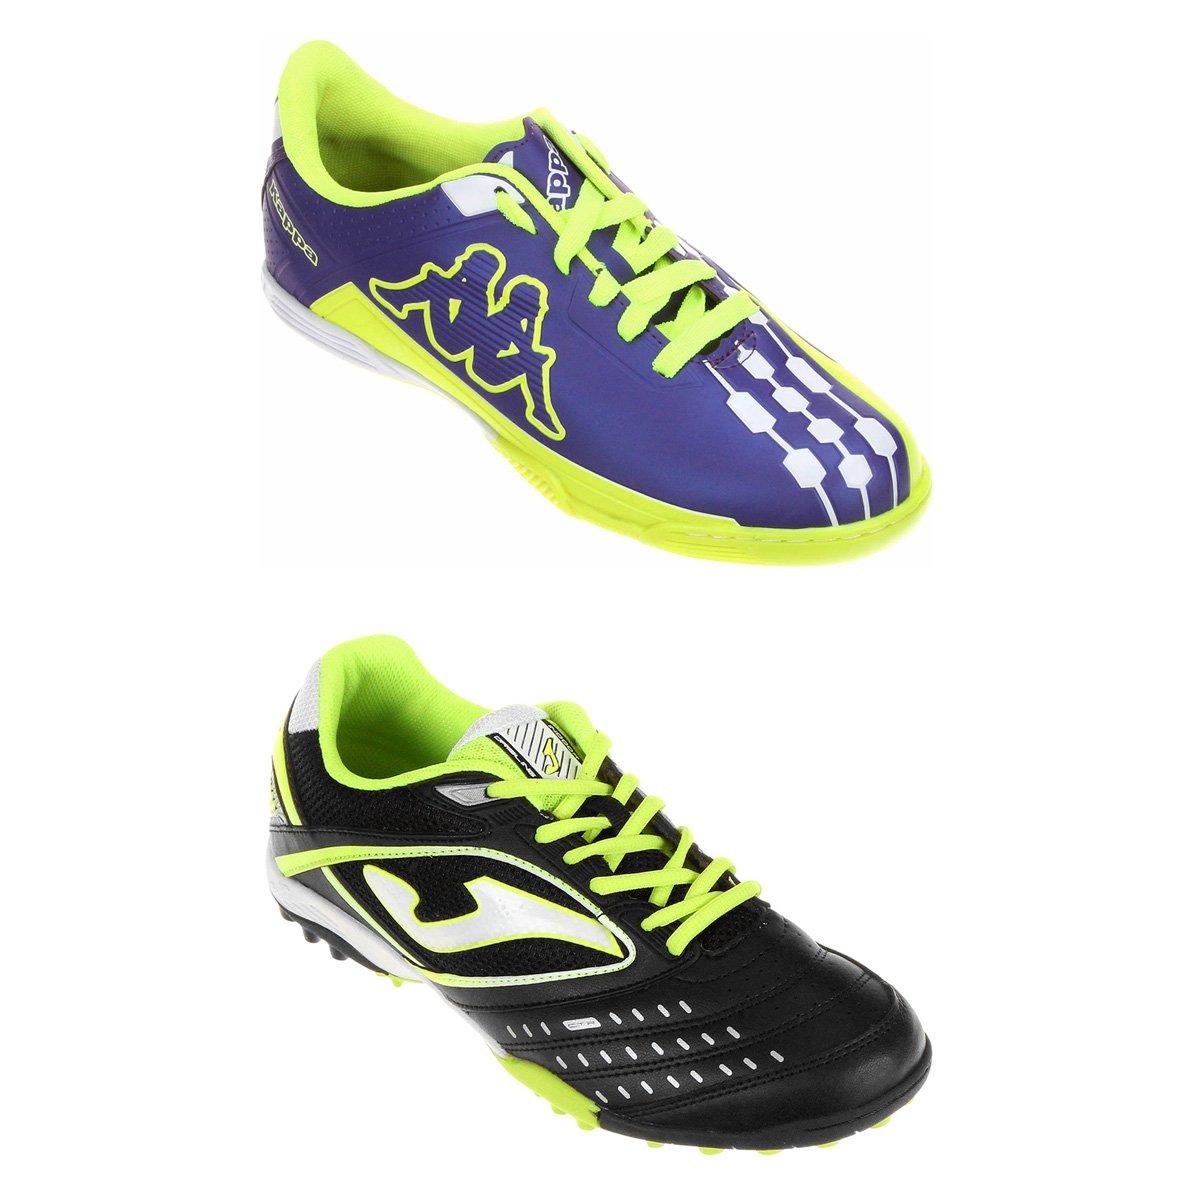 b3f2315d23 Kit Chuteira Joma Dribling Society + Chuteira Kappa Brava Futsal - Compre  Agora